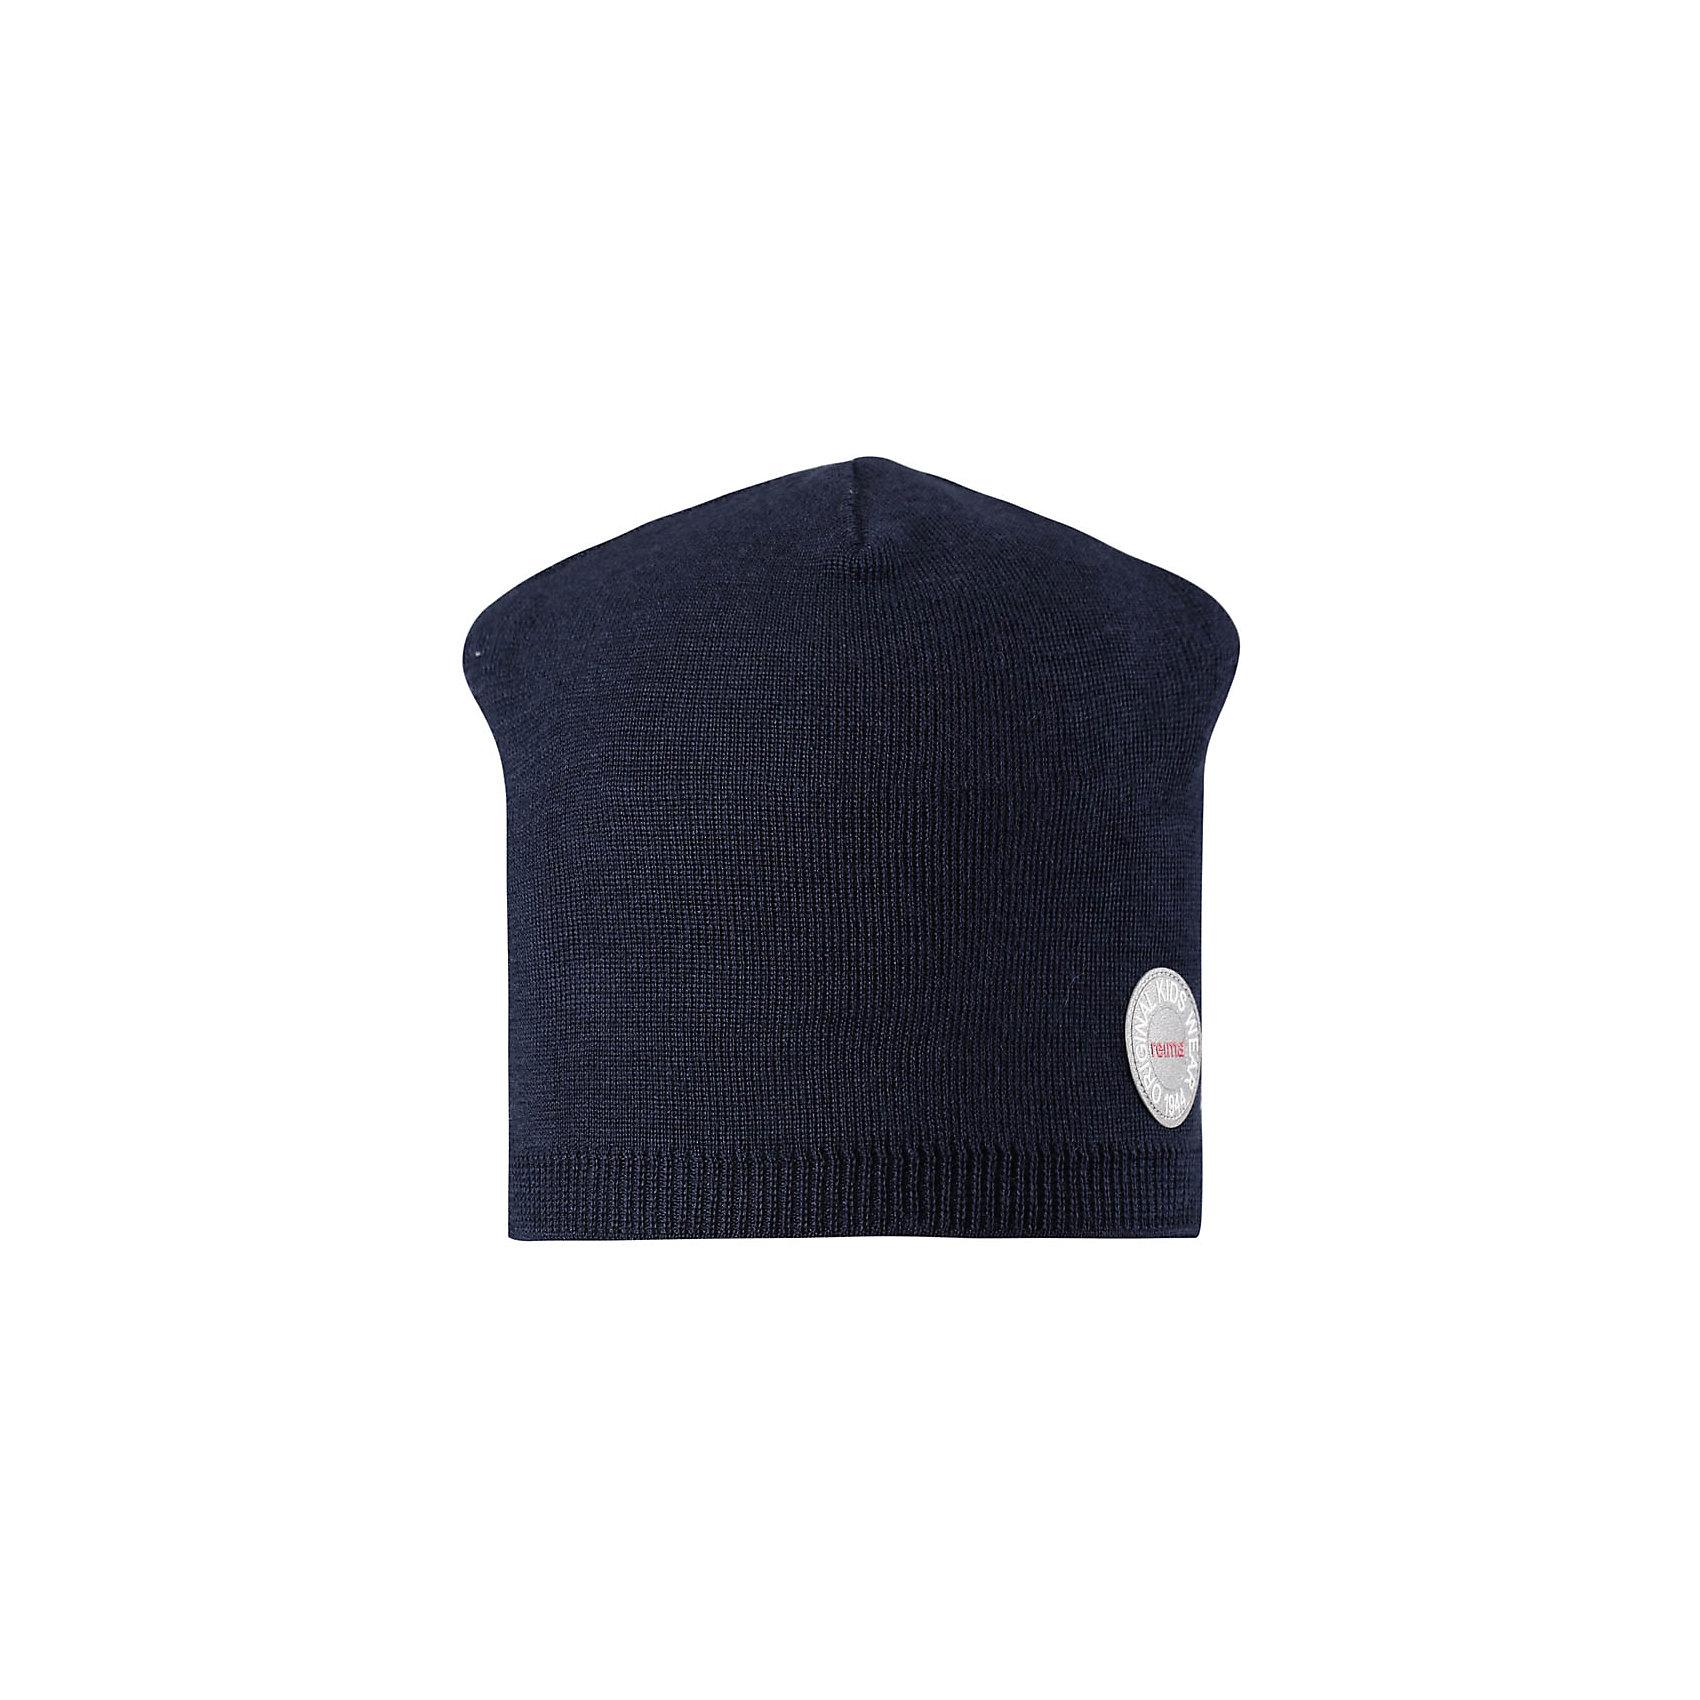 Шапка Reima NebulaГоловные уборы<br>Характеристики товара:<br><br>• цвет: темно-синий;<br>• состав: 50% шерсть, 50% полиакрил;<br>• сезон: зима;<br>• температурный режим: от +5 до -10С;<br>• шерсть идеально поддерживает температуру;<br>• мягкая и теплая ткань из смеси шерсти;<br>• ветронепроницаемые вставки в области ушей;<br>• частичная подкладка;<br>• логотип Reima® спереди;<br>• страна бренда: Финляндия;<br>• страна изготовитель: Китай.<br><br>Детская шапка из теплого шерстяного трикотажа. Материал превосходно регулирует температуру и хорошо согревает голову. Ветронепроницаемые вставки и полуподкладка из мягкого и дышащего вязаного хлопка. Сплошная жаккардовая узорная вязка. Теплый, удобный, эластичный материал.<br><br>Шапку Nebula Reima от финского бренда Reima (Рейма) можно купить в нашем интернет-магазине.<br><br>Ширина мм: 89<br>Глубина мм: 117<br>Высота мм: 44<br>Вес г: 155<br>Цвет: синий<br>Возраст от месяцев: 84<br>Возраст до месяцев: 144<br>Пол: Унисекс<br>Возраст: Детский<br>Размер: 56,50,52,54<br>SKU: 6902505